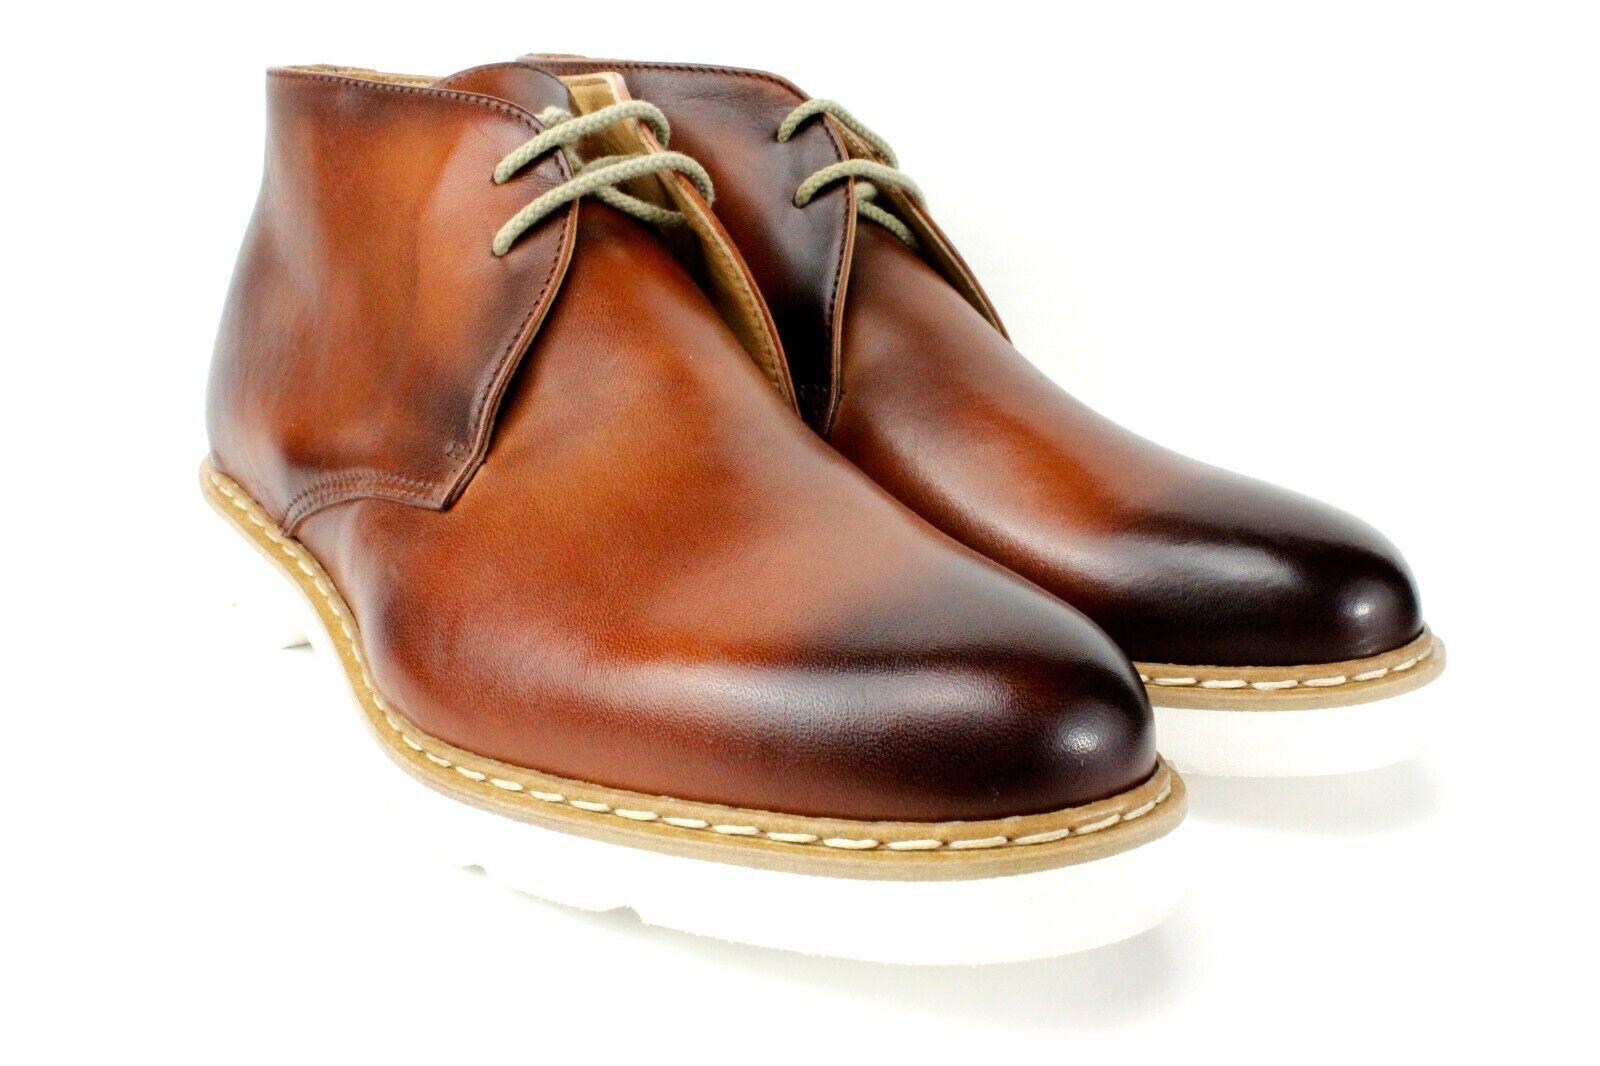 IVAN TROY Anton marrón bota Hecho a Mano Cuero Italiano Vestir para hombres de inicio botas al tobillo